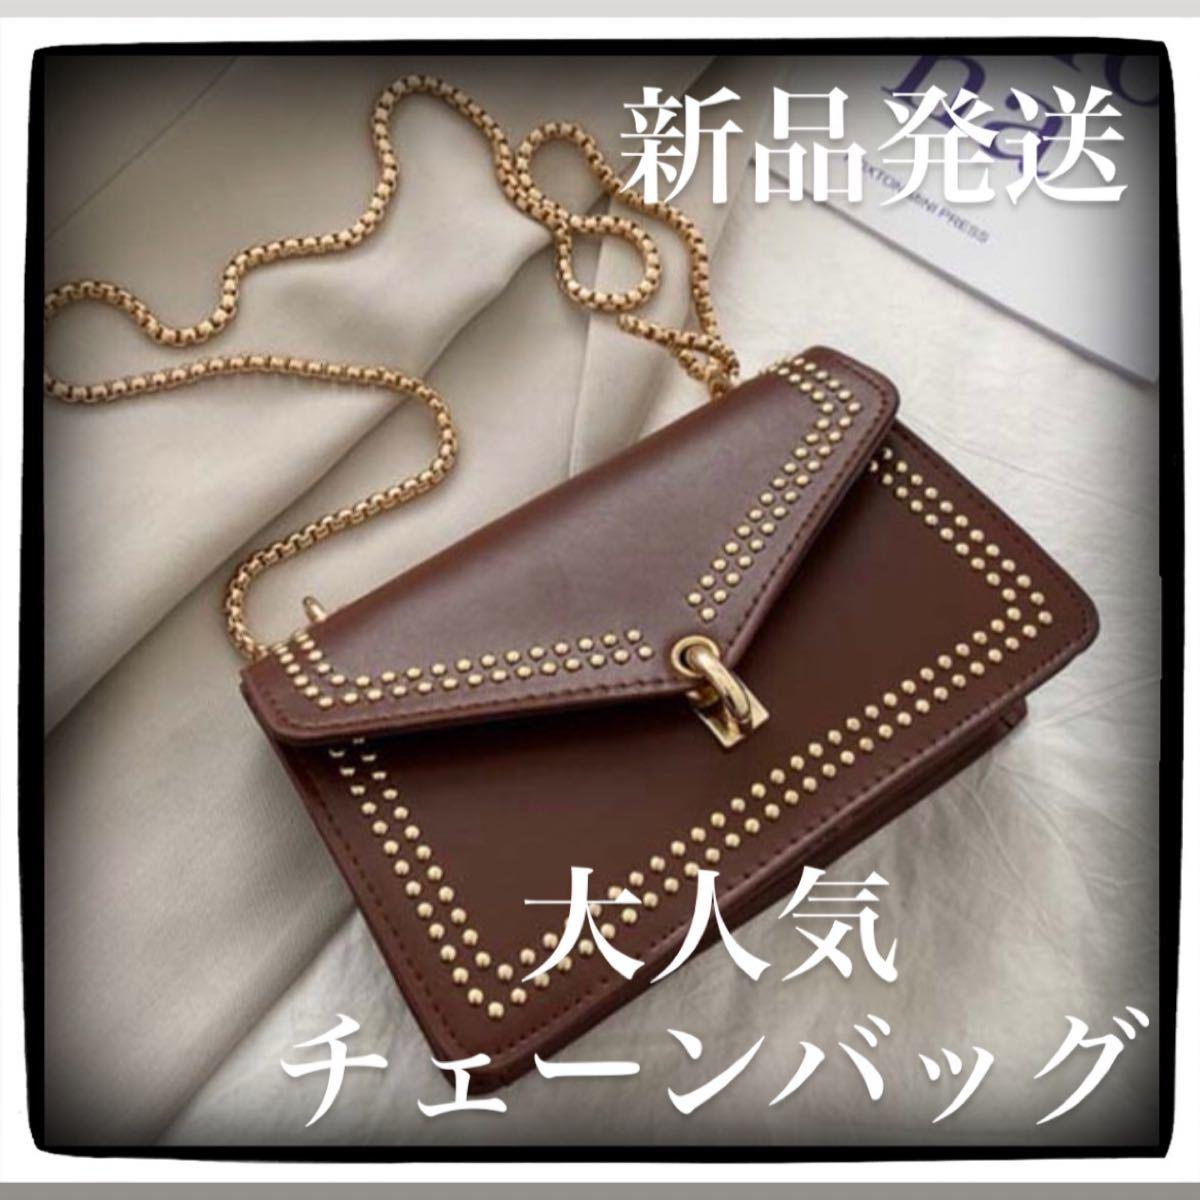 ショルダーバッグ ポシェット ミニバッグ フォーマルバッグ ブラウン 茶色 チェーンバッグ